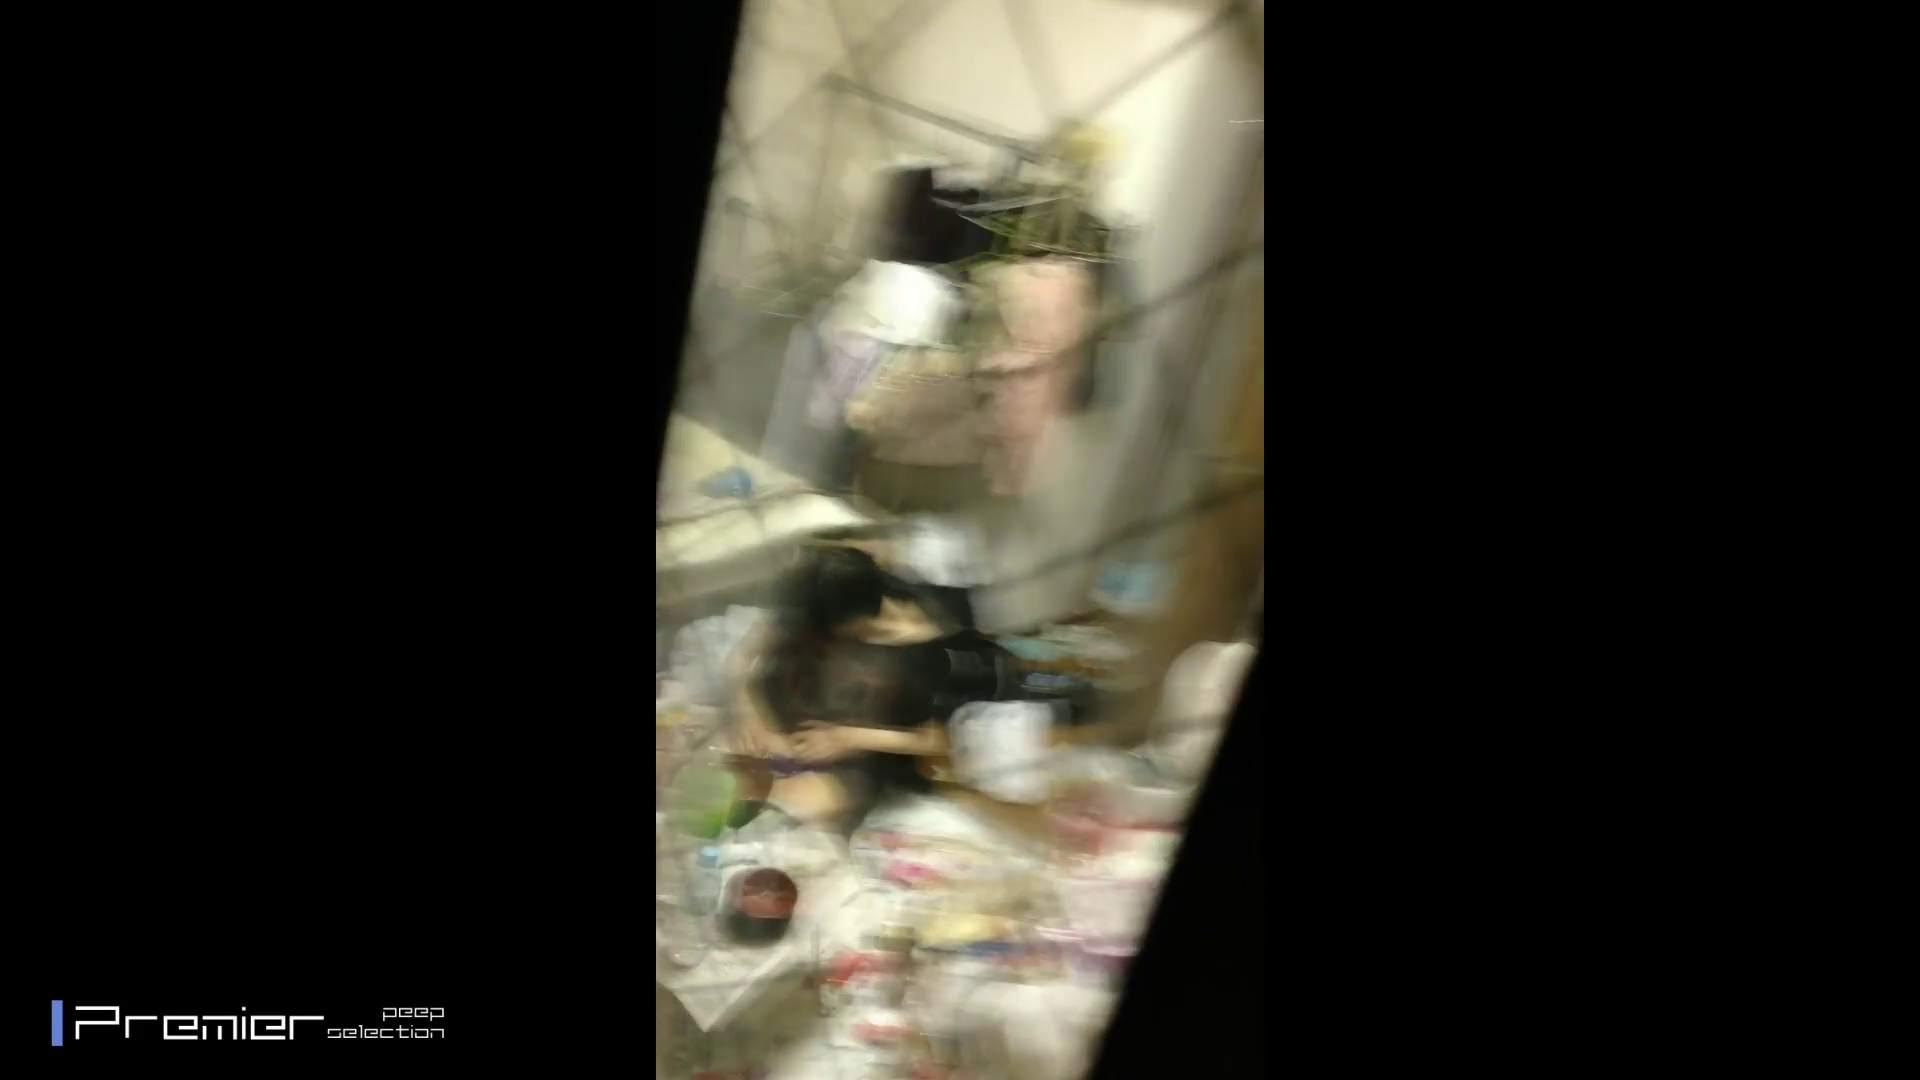 美女達の私生活に潜入!可愛い女子大生のプライベートに潜入 桃色乳首 アダルト動画キャプチャ 71画像 68